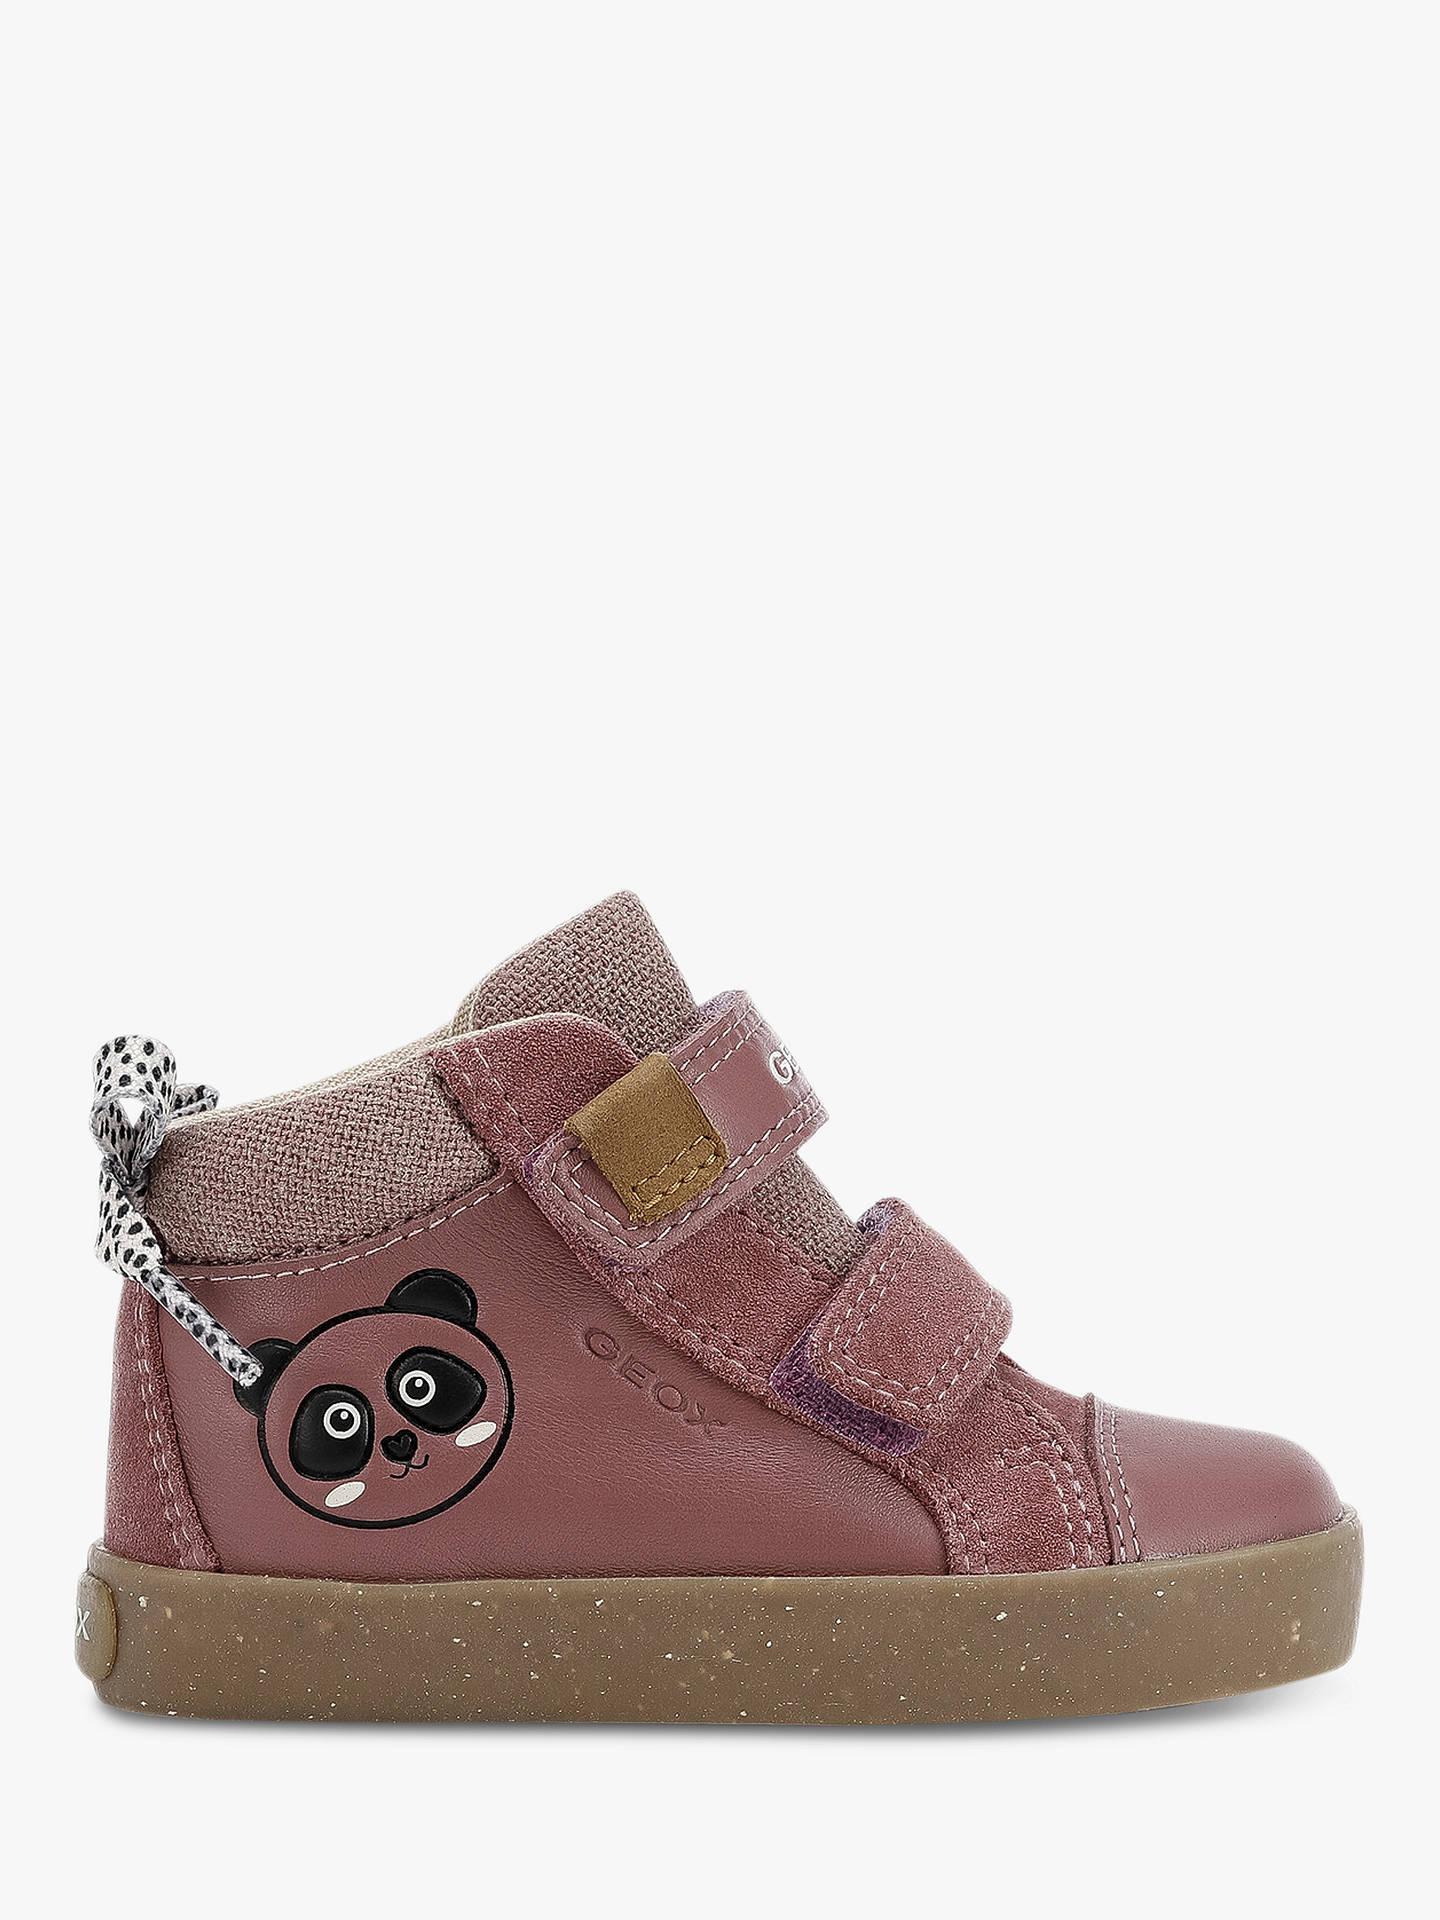 Geox x World Wildlife Fund Children's Kilwi Shoes, Dark Rose